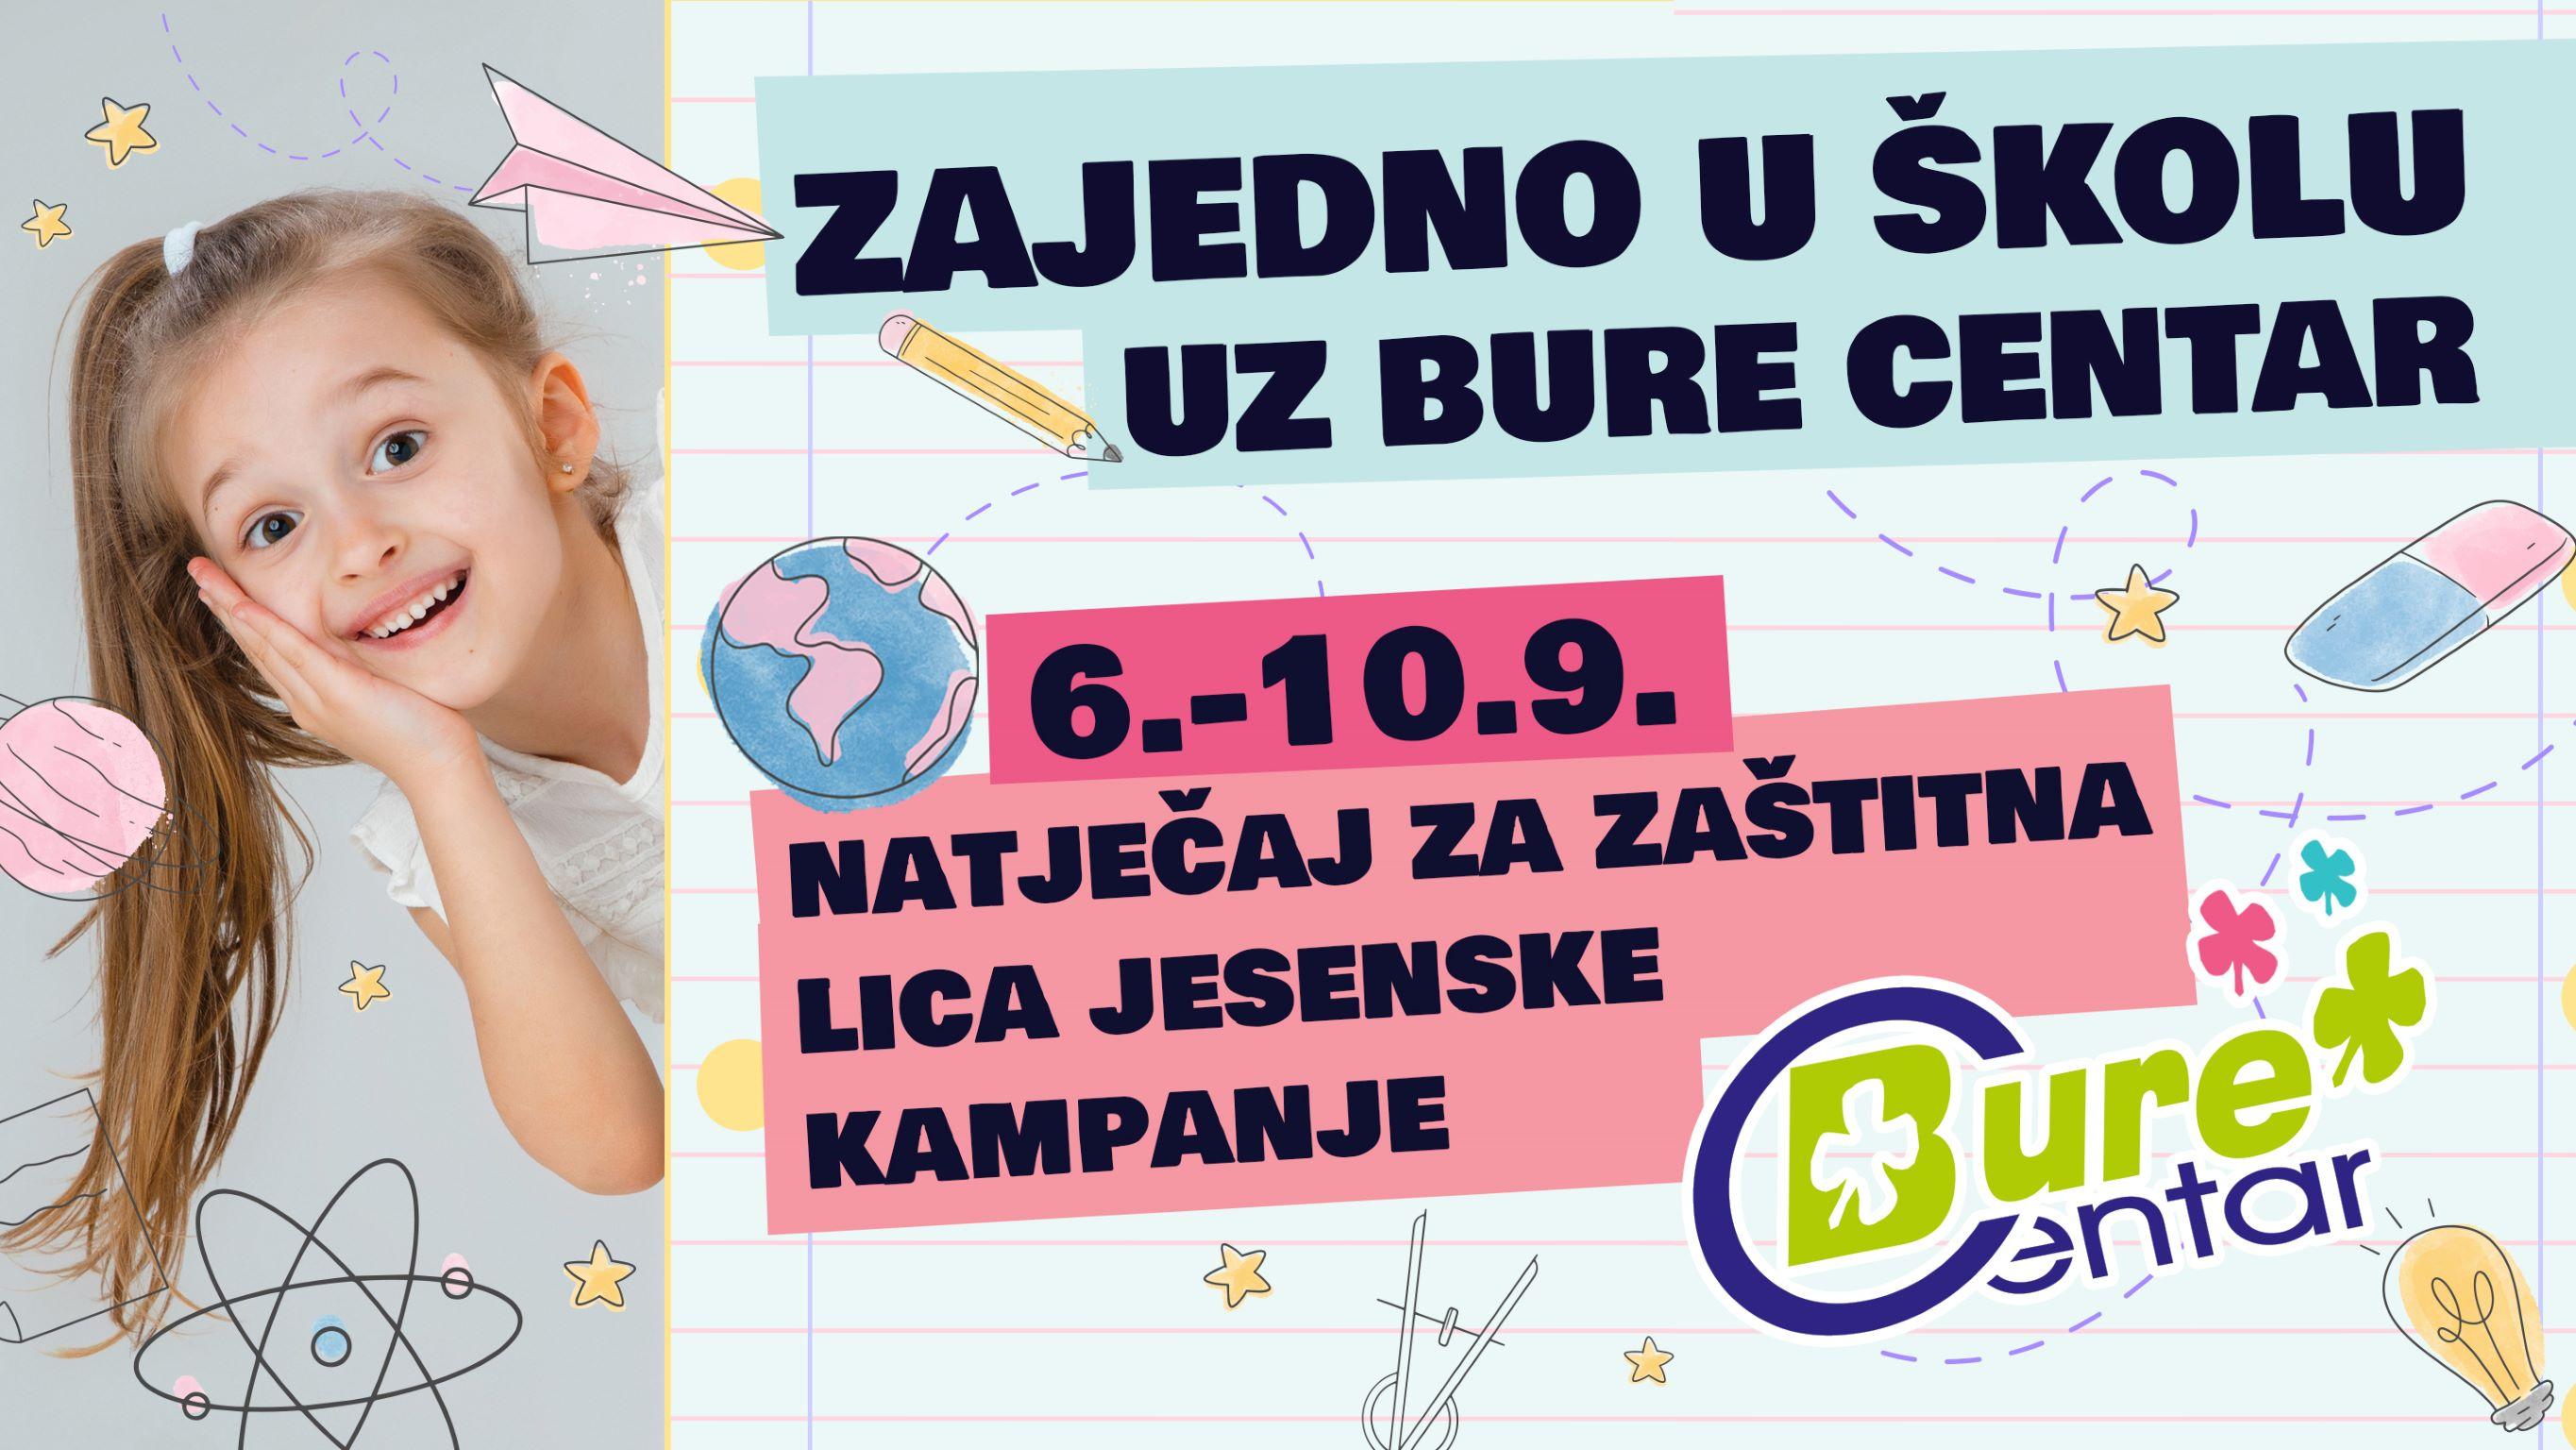 Natječaj za zaštitna lica jesenske kampanje Bure Centra